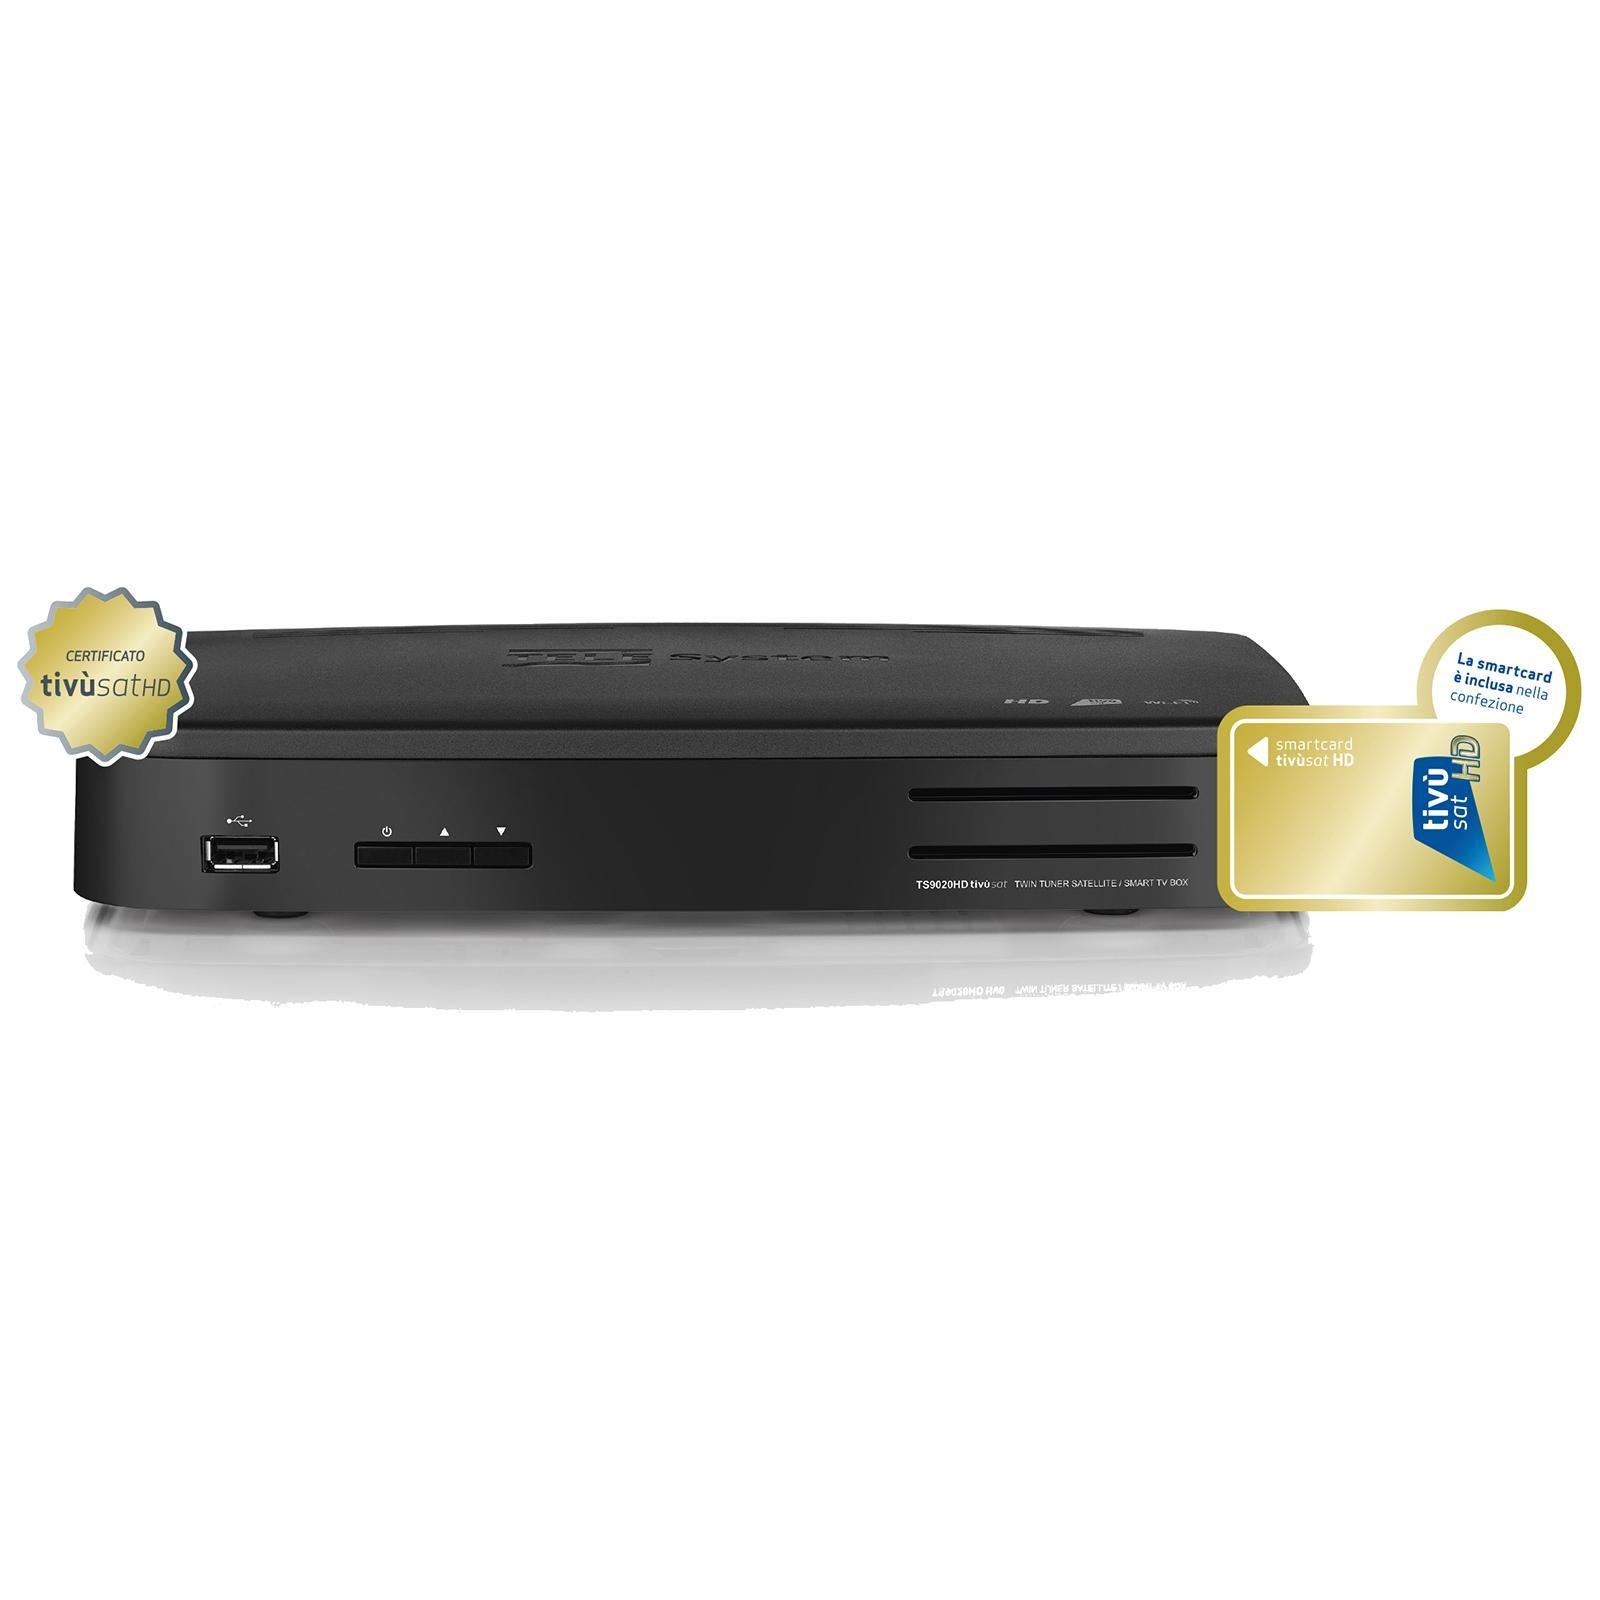 Telesystem TS 9020 HD Twin Sat-Receiver USB PVR WiFi inkl  Tivusat HD Karte